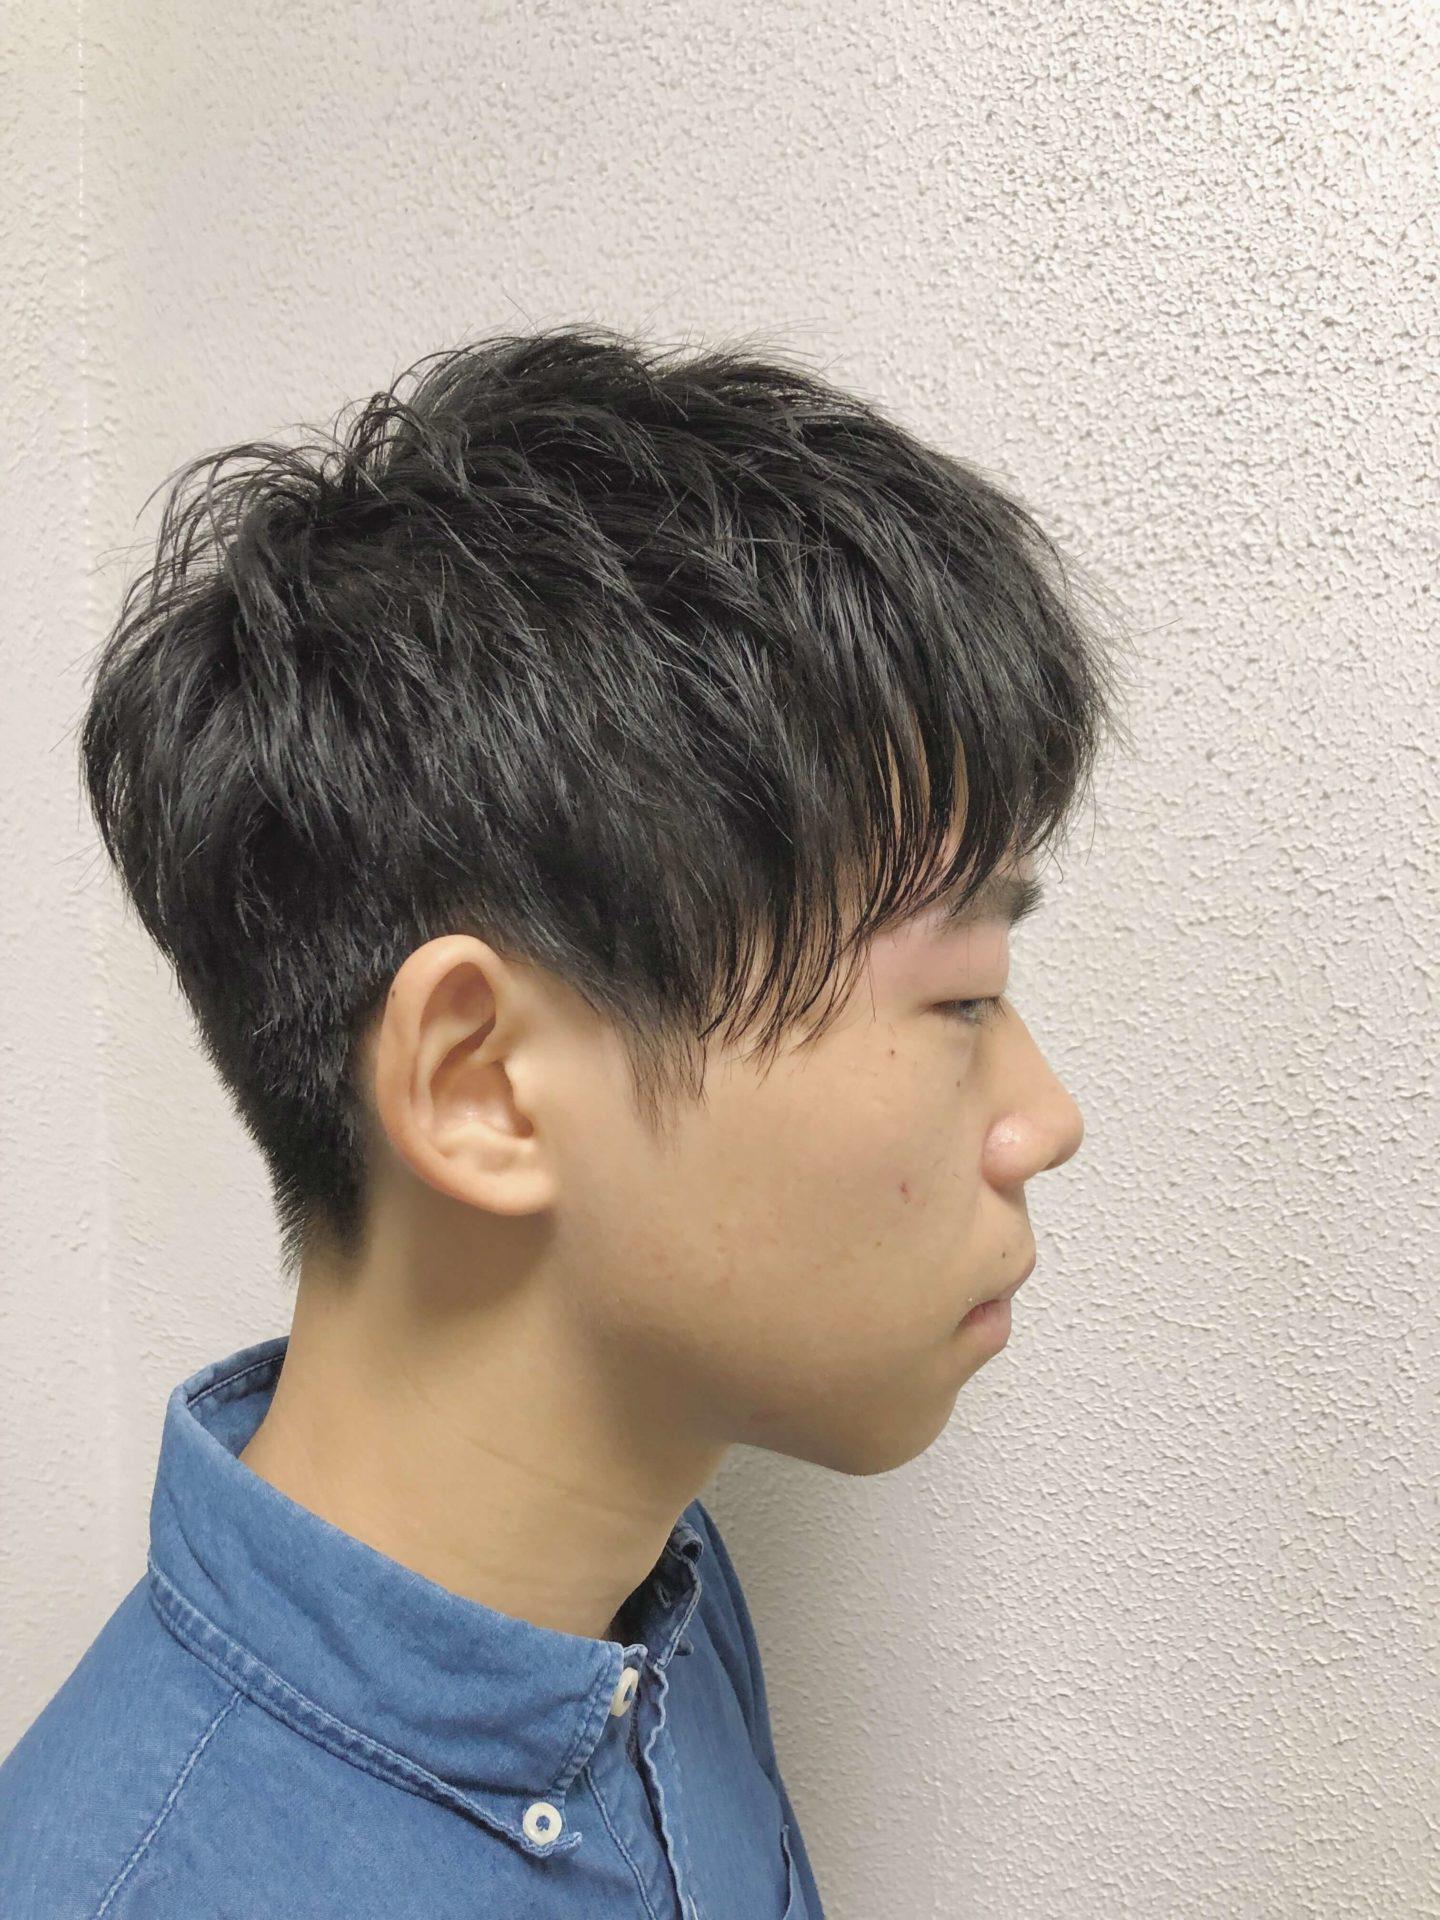 【CCCCCCC/鈴木孝治】軽めマッシュショートスタイル